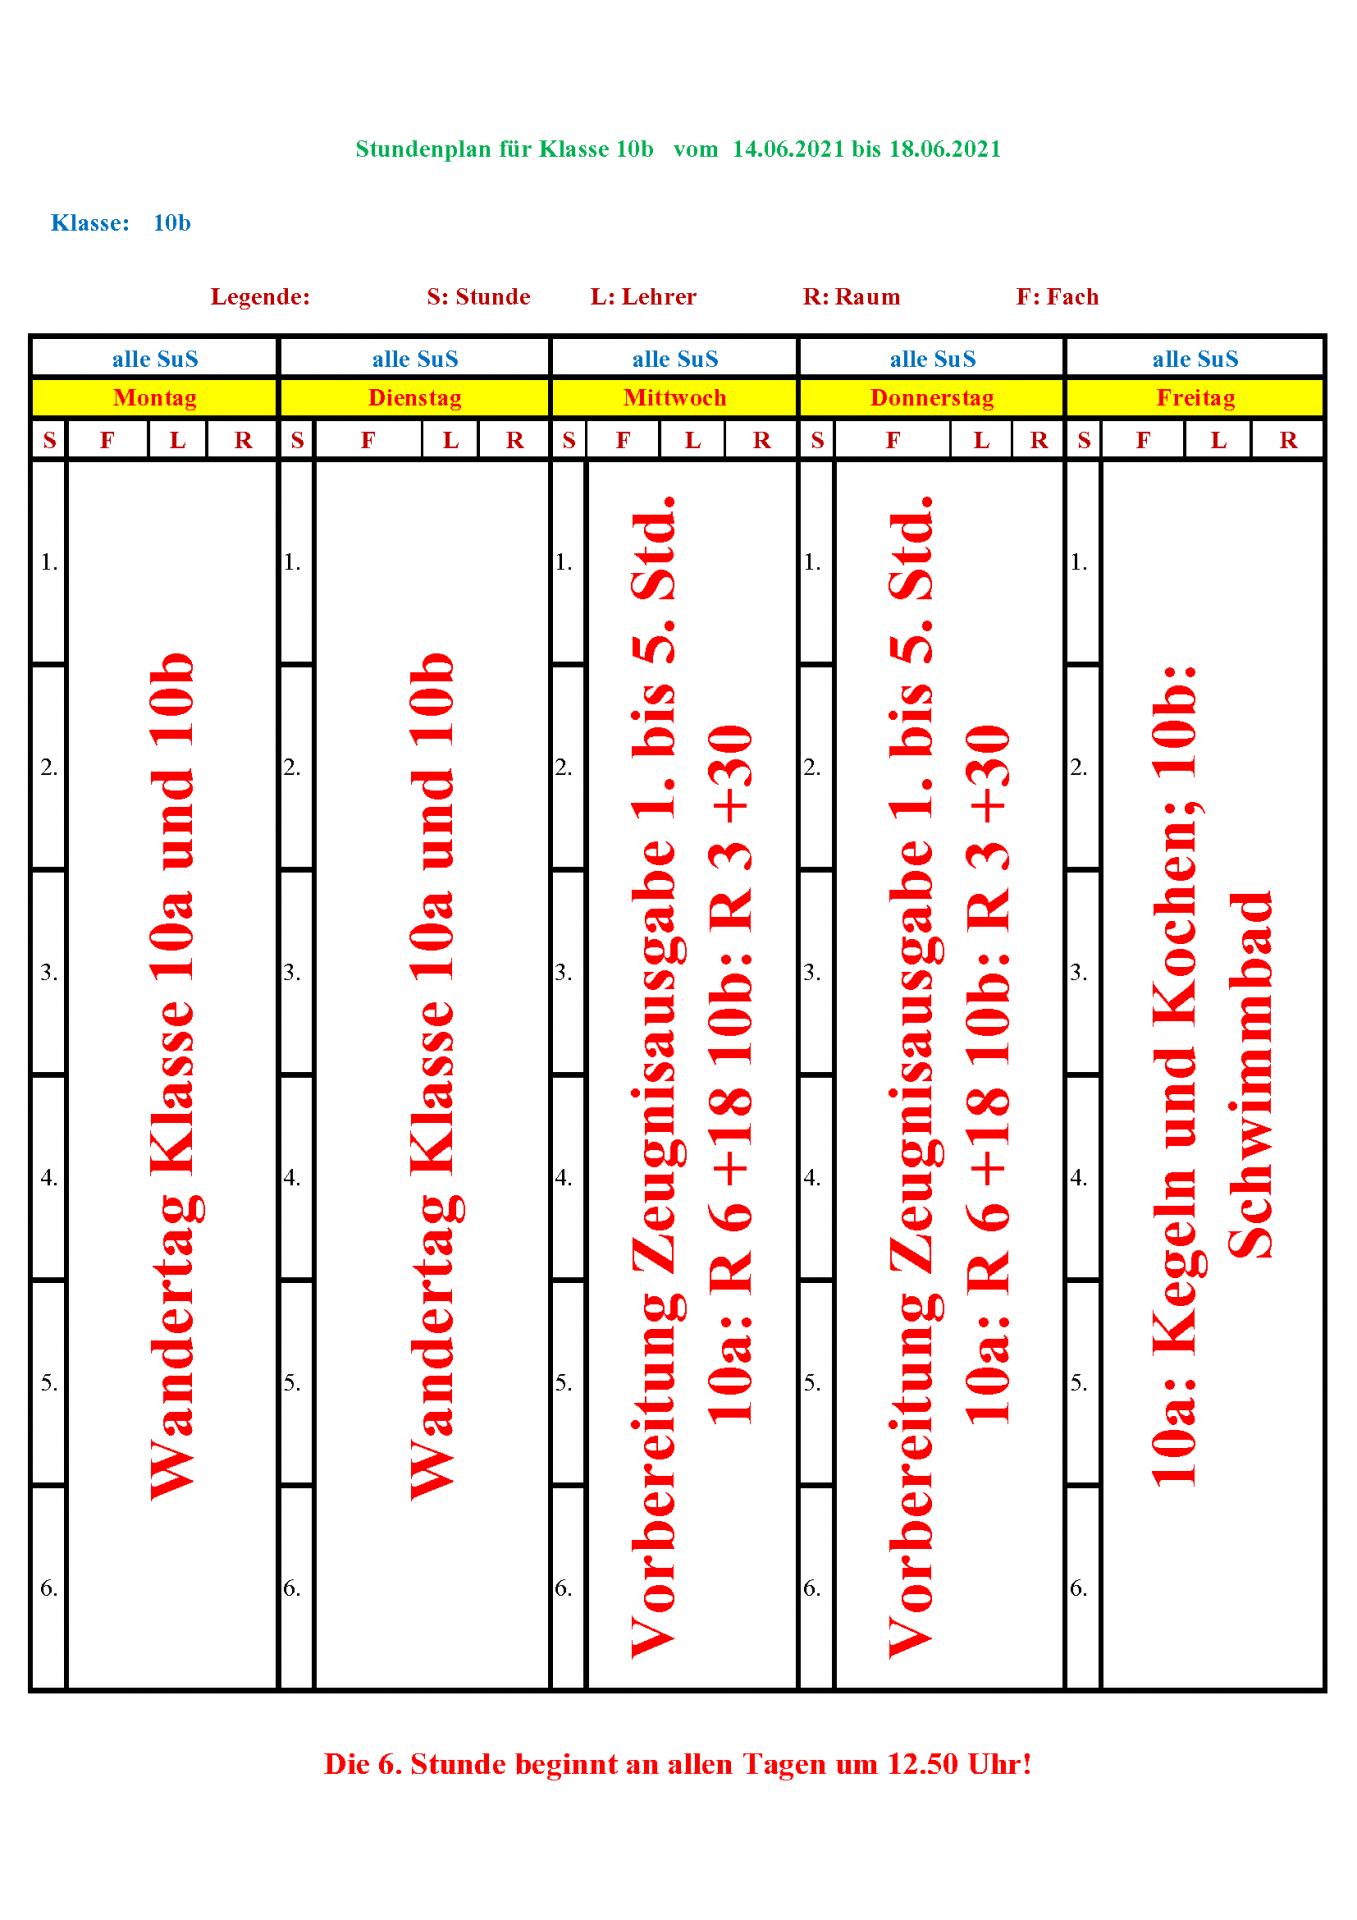 Sonderplan 7 bis 10 vom 14.06.2021 bis 18.06.2021 SuS_9